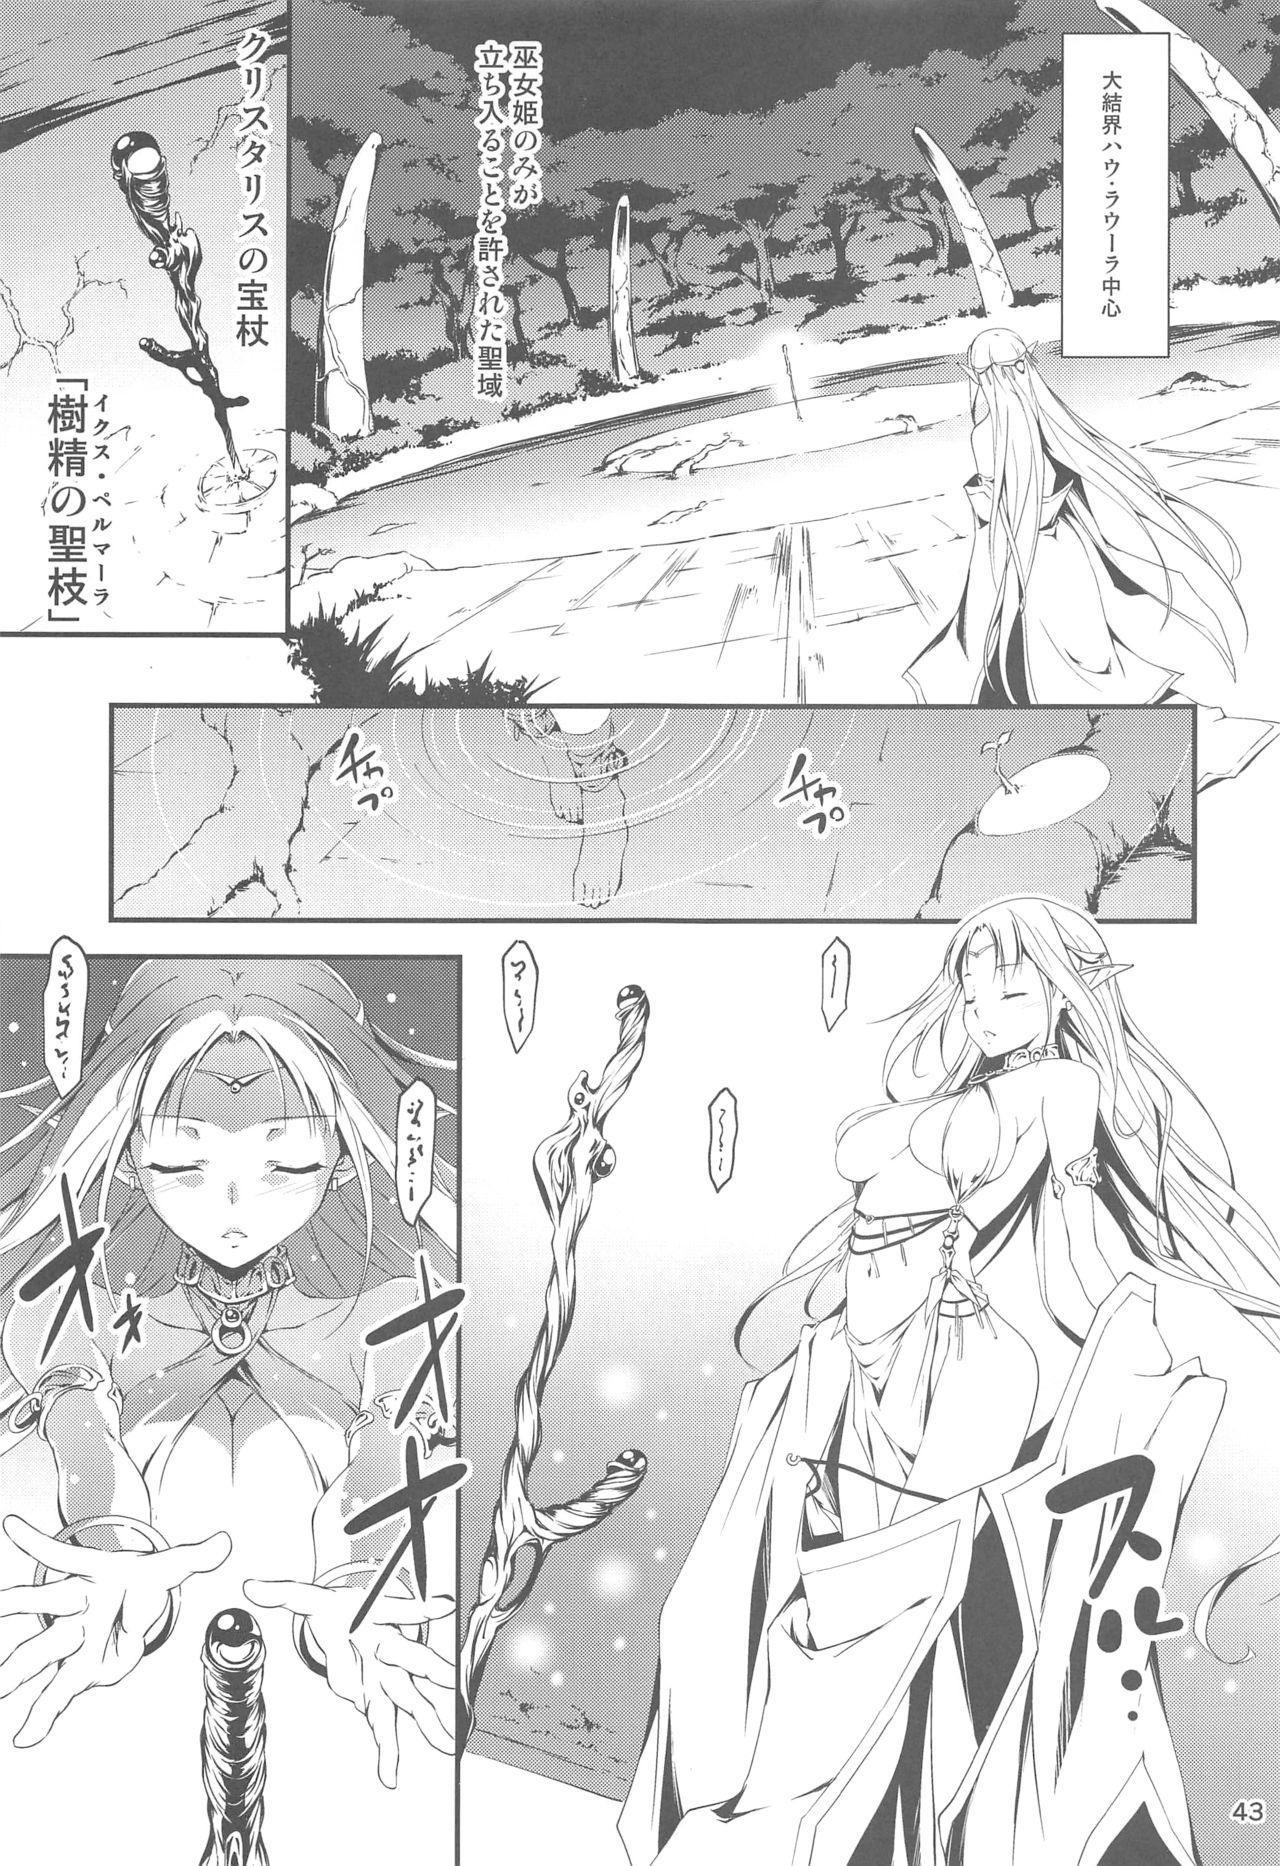 Ryman Fantasy Kuro no Ryman Soushuuhen 42